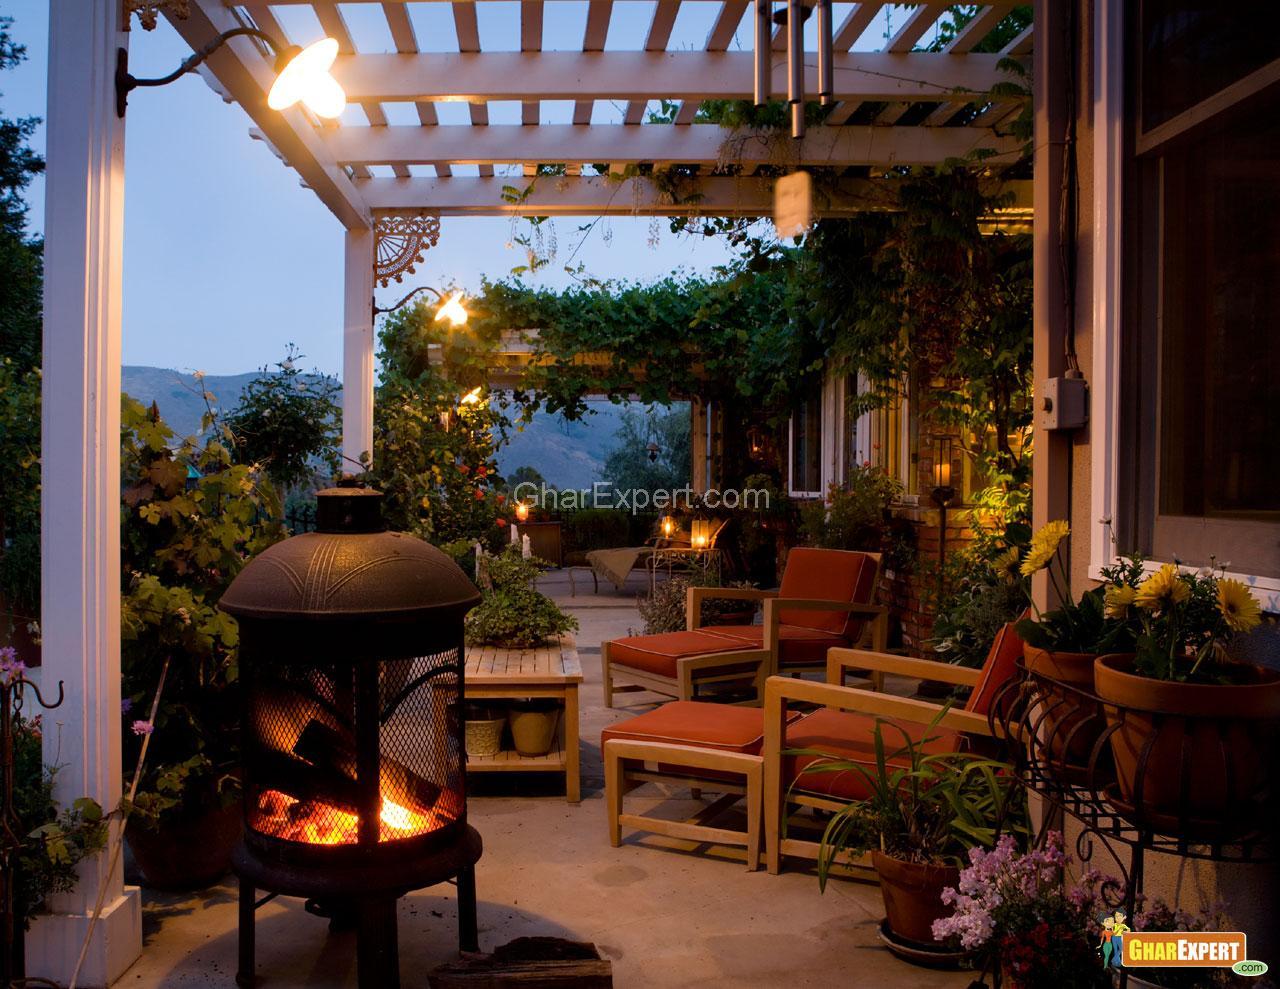 Lighting in Porch